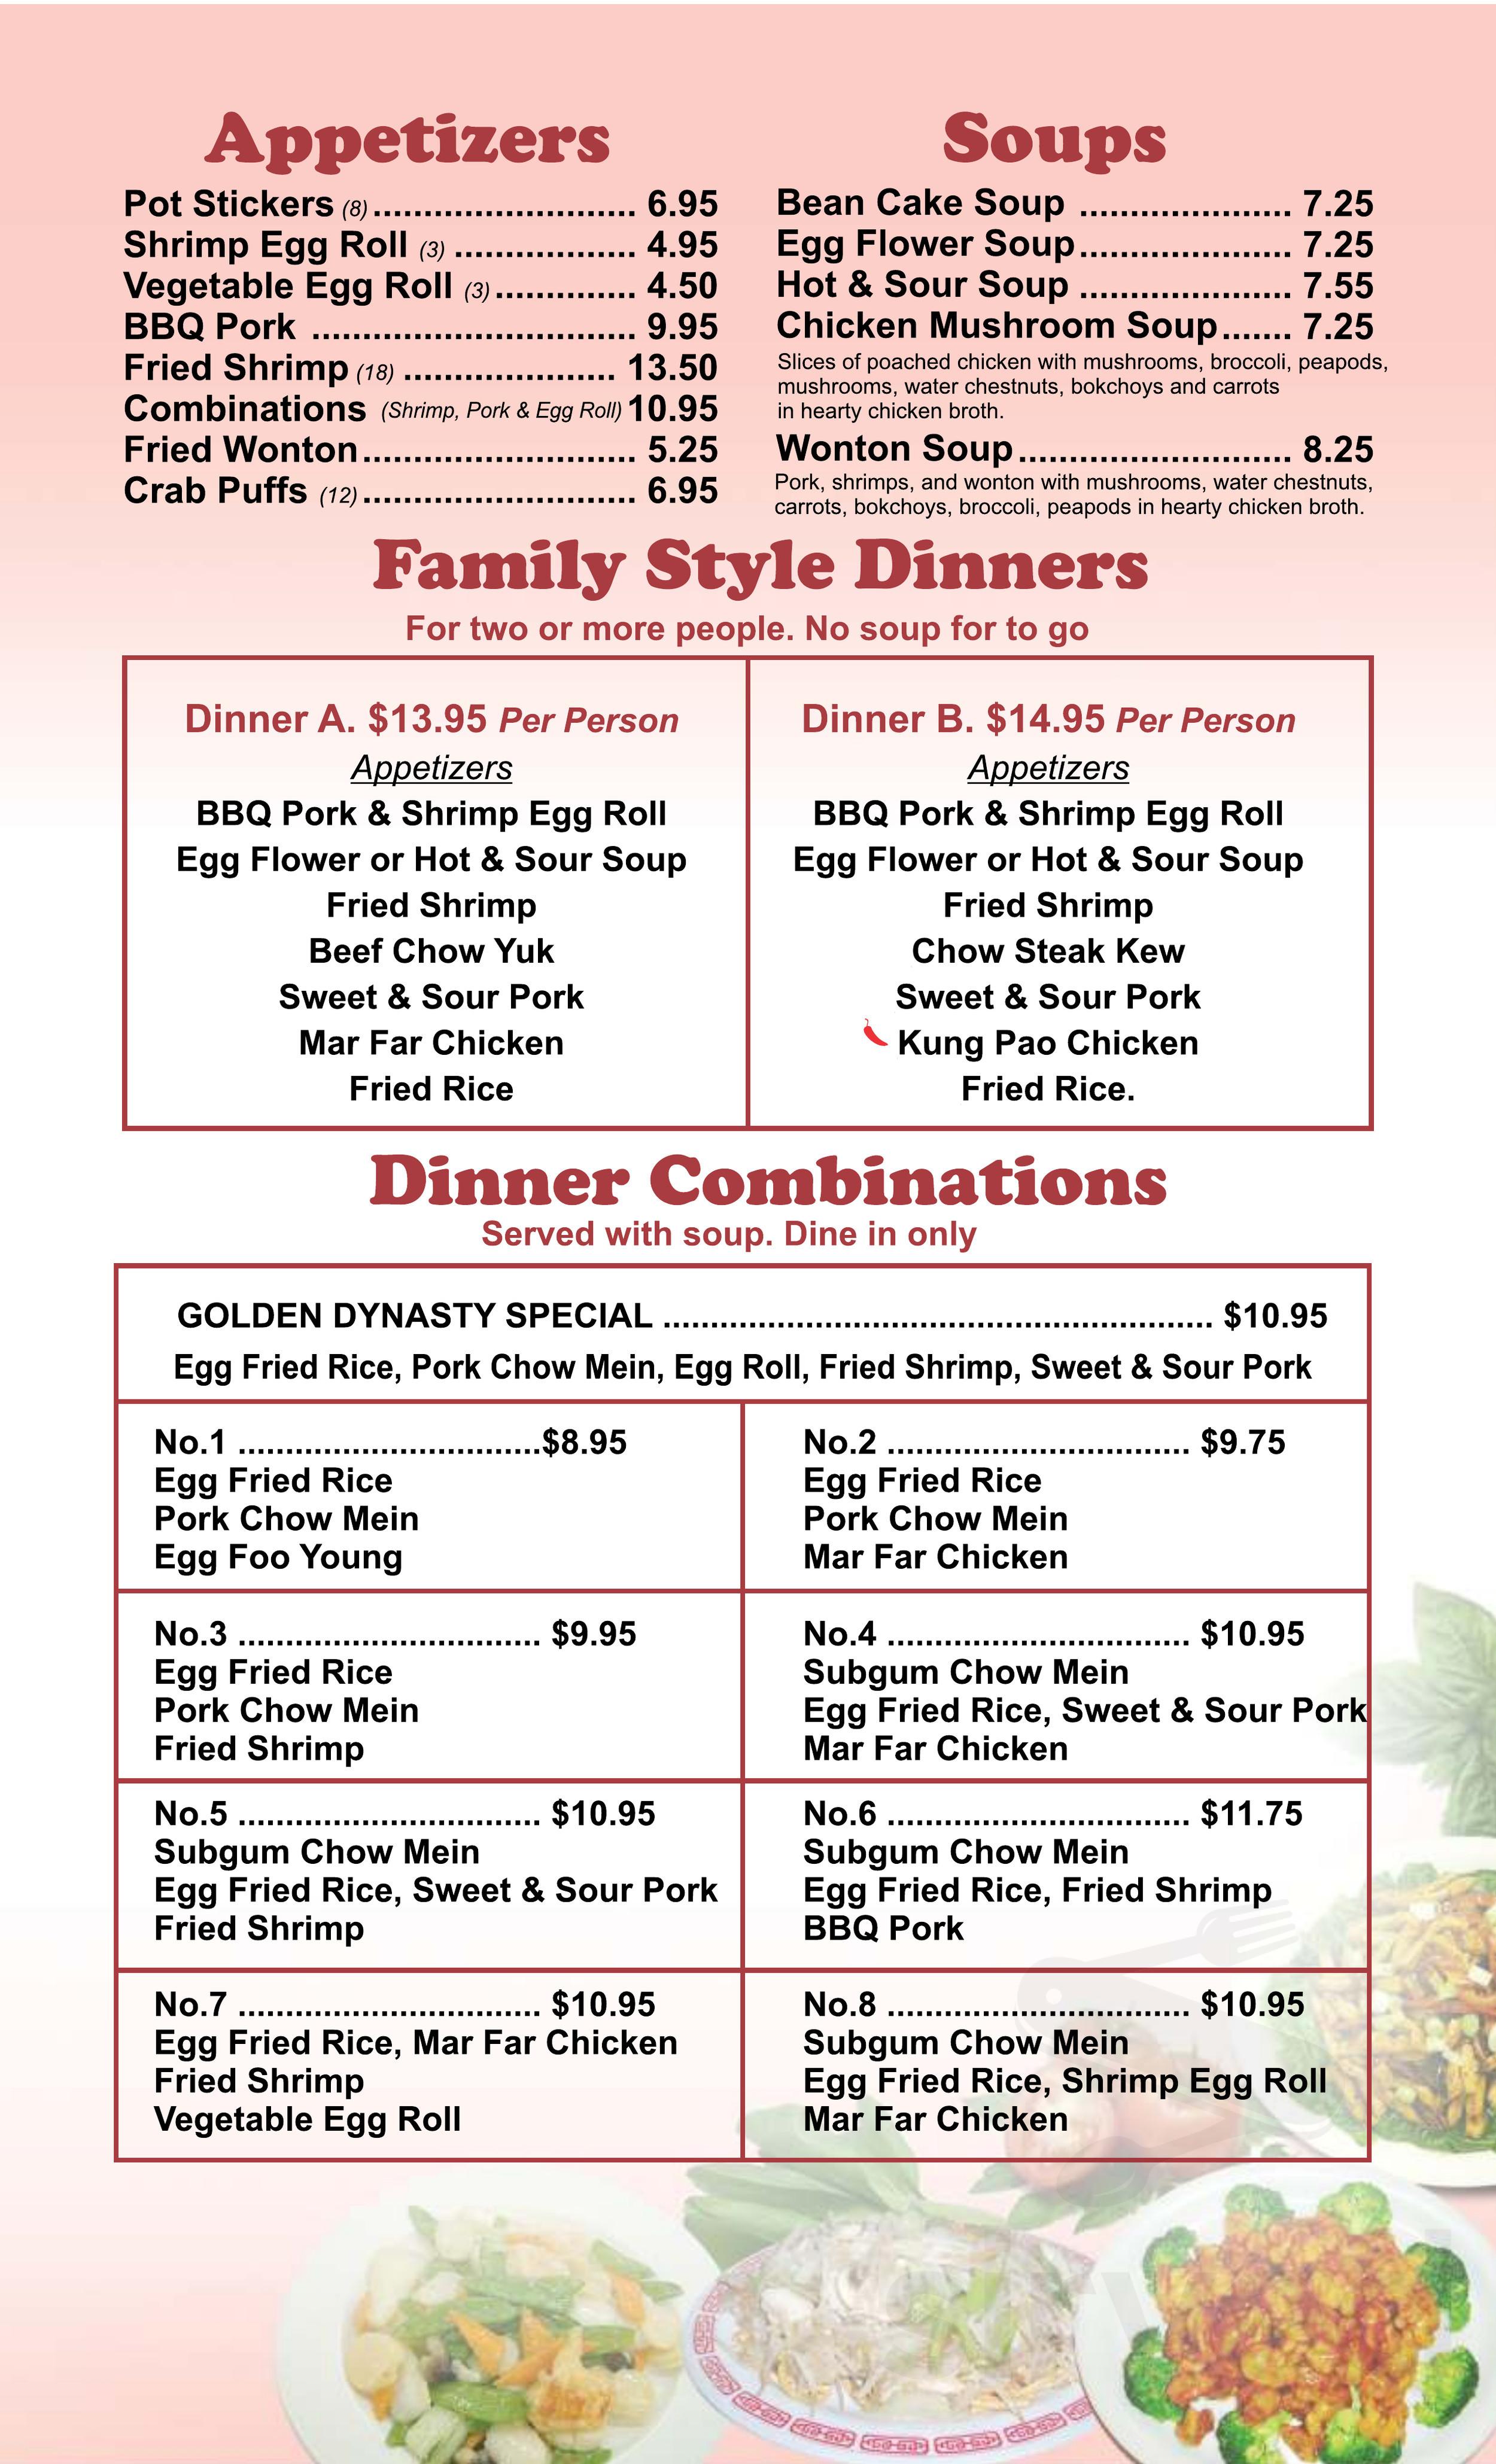 Golden Dynasty menu in Portland, Oregon, USA